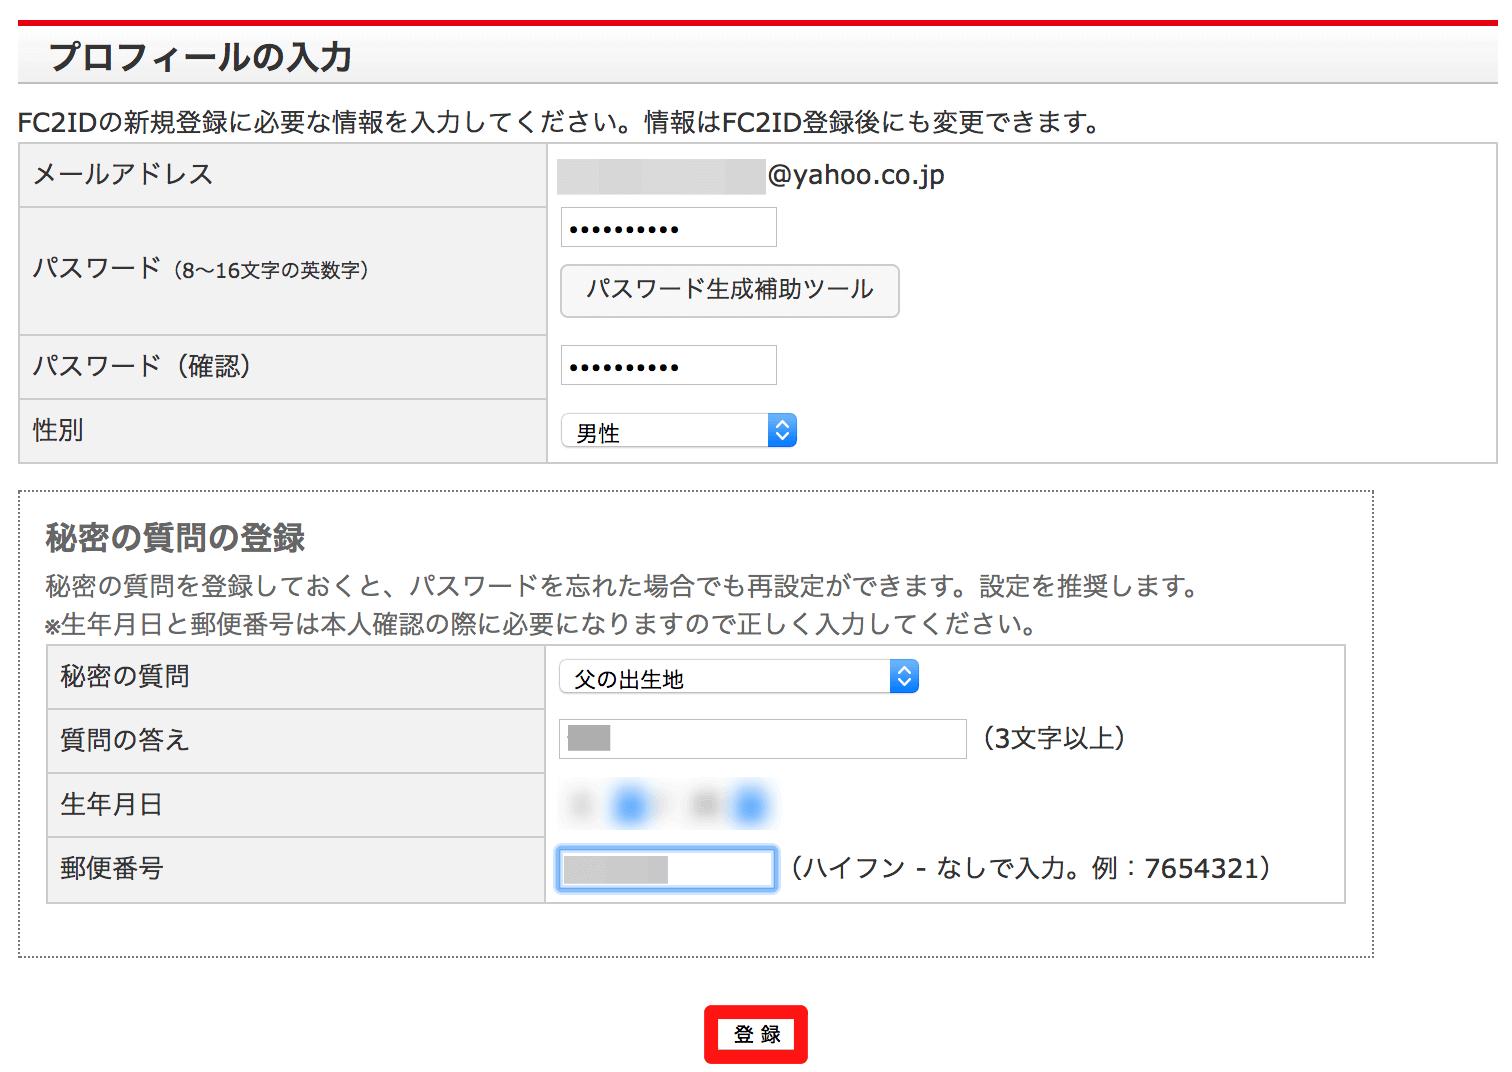 FC2ブログ登録時のプロフィール入力